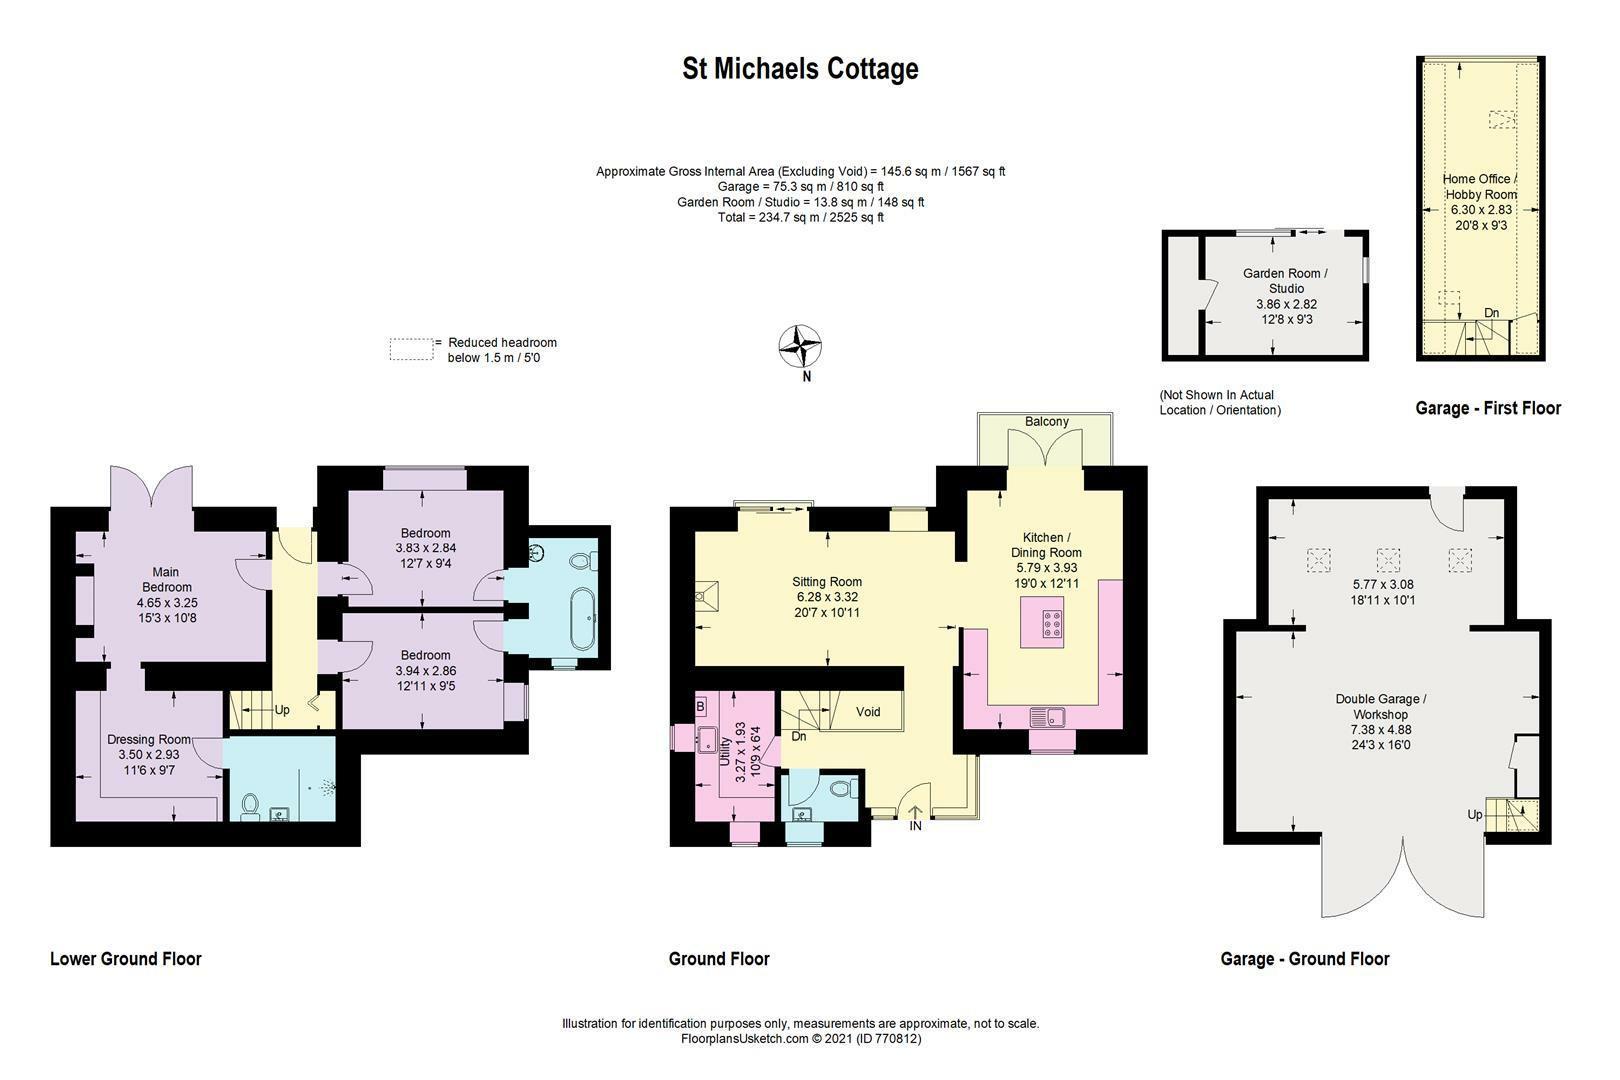 Brochure - St Michaels Cottage